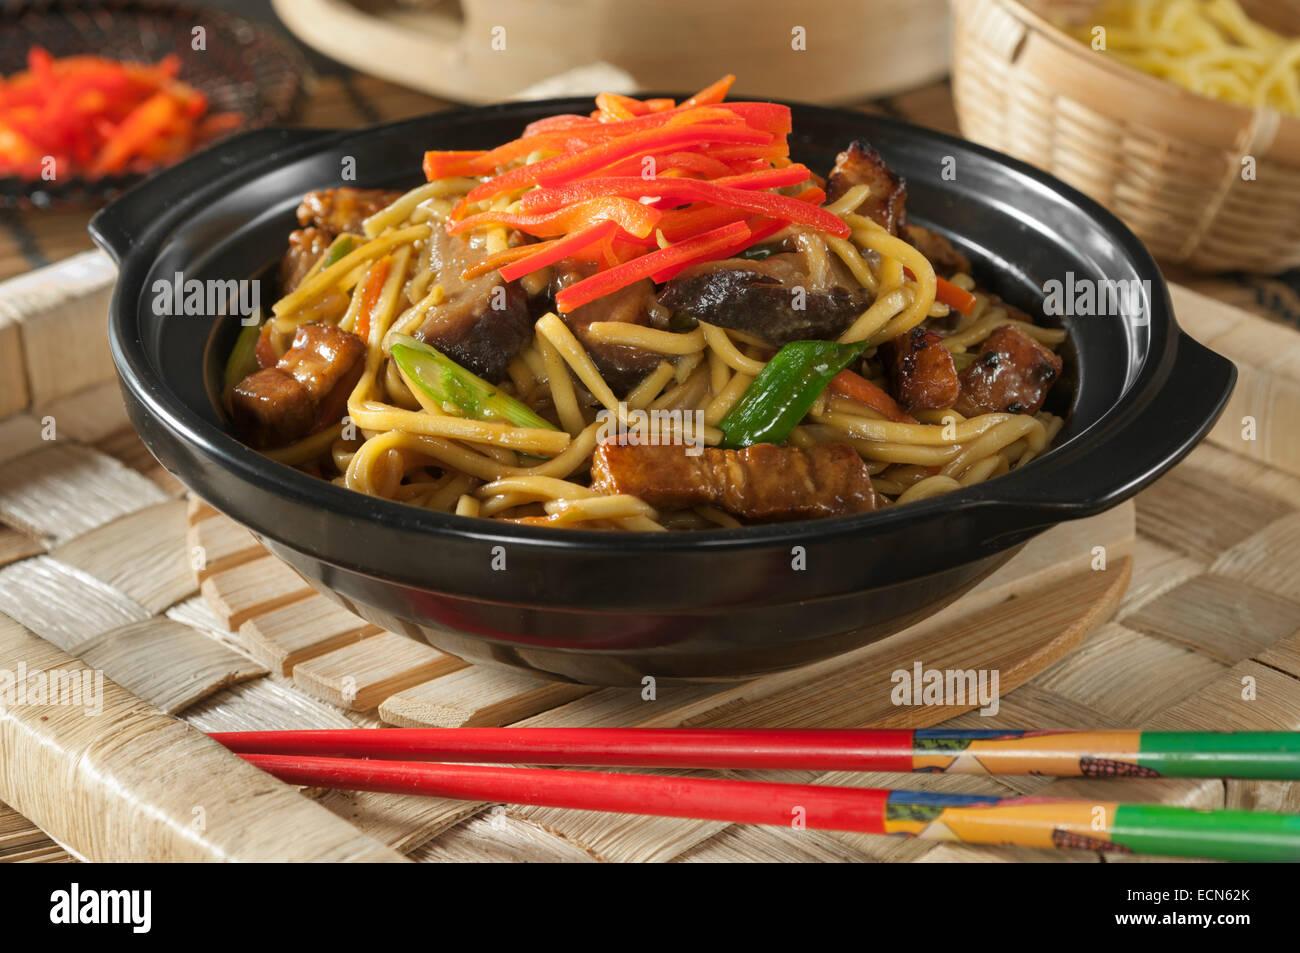 Yakisoba. Fried noodles. Japanese Food - Stock Image